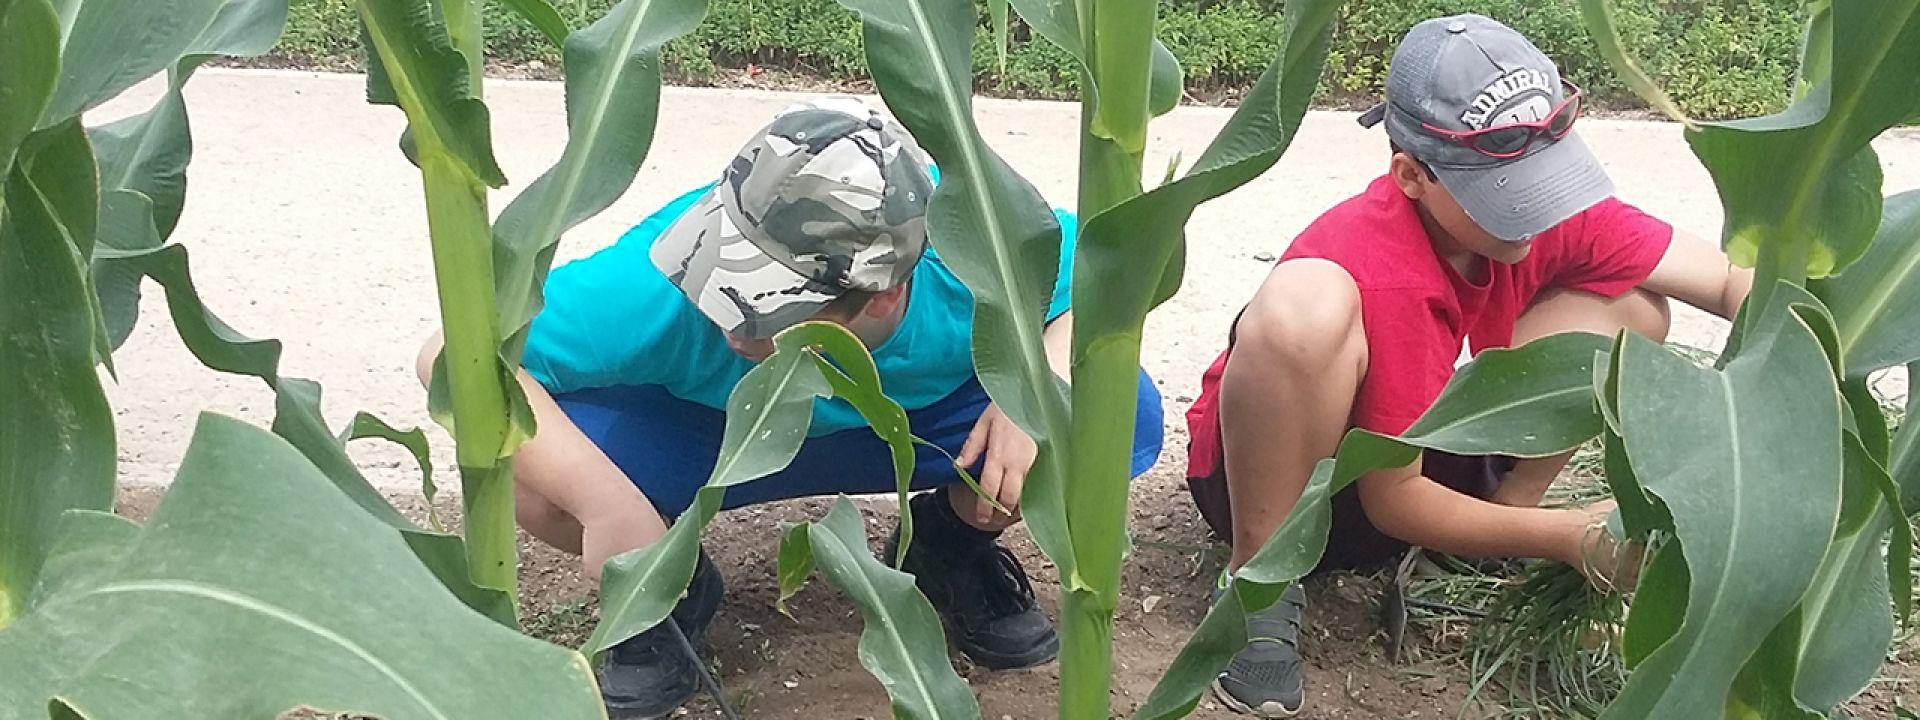 Φωτογραφία από παιδιά που εξερευνούν τα φυτά του Πάρκου Σταύρος Νιάρχος